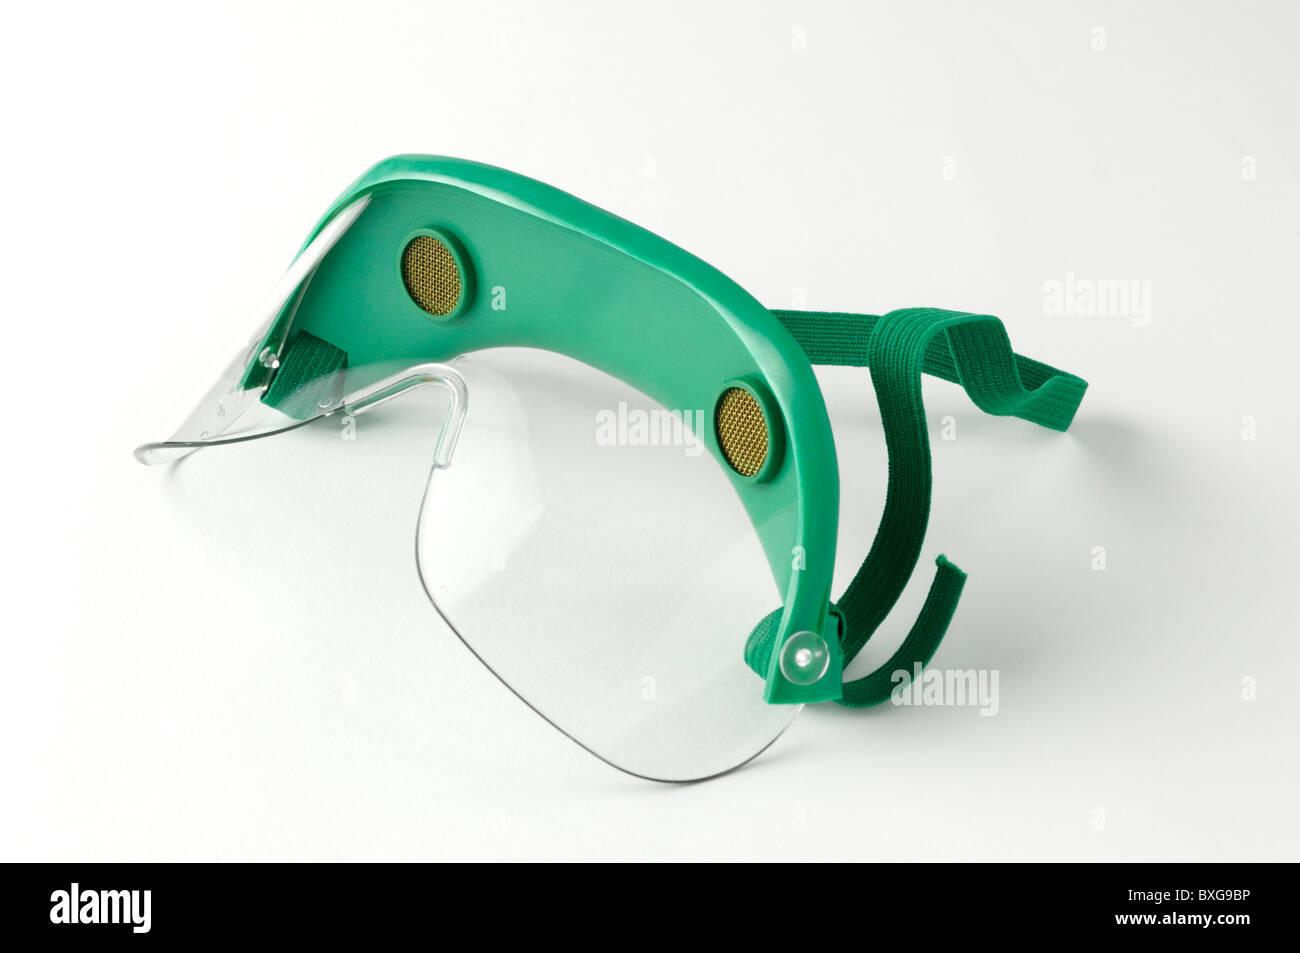 Gafas de seguridad química para su uso en laboratorios de investigación y cursos de ciencias Imagen De Stock